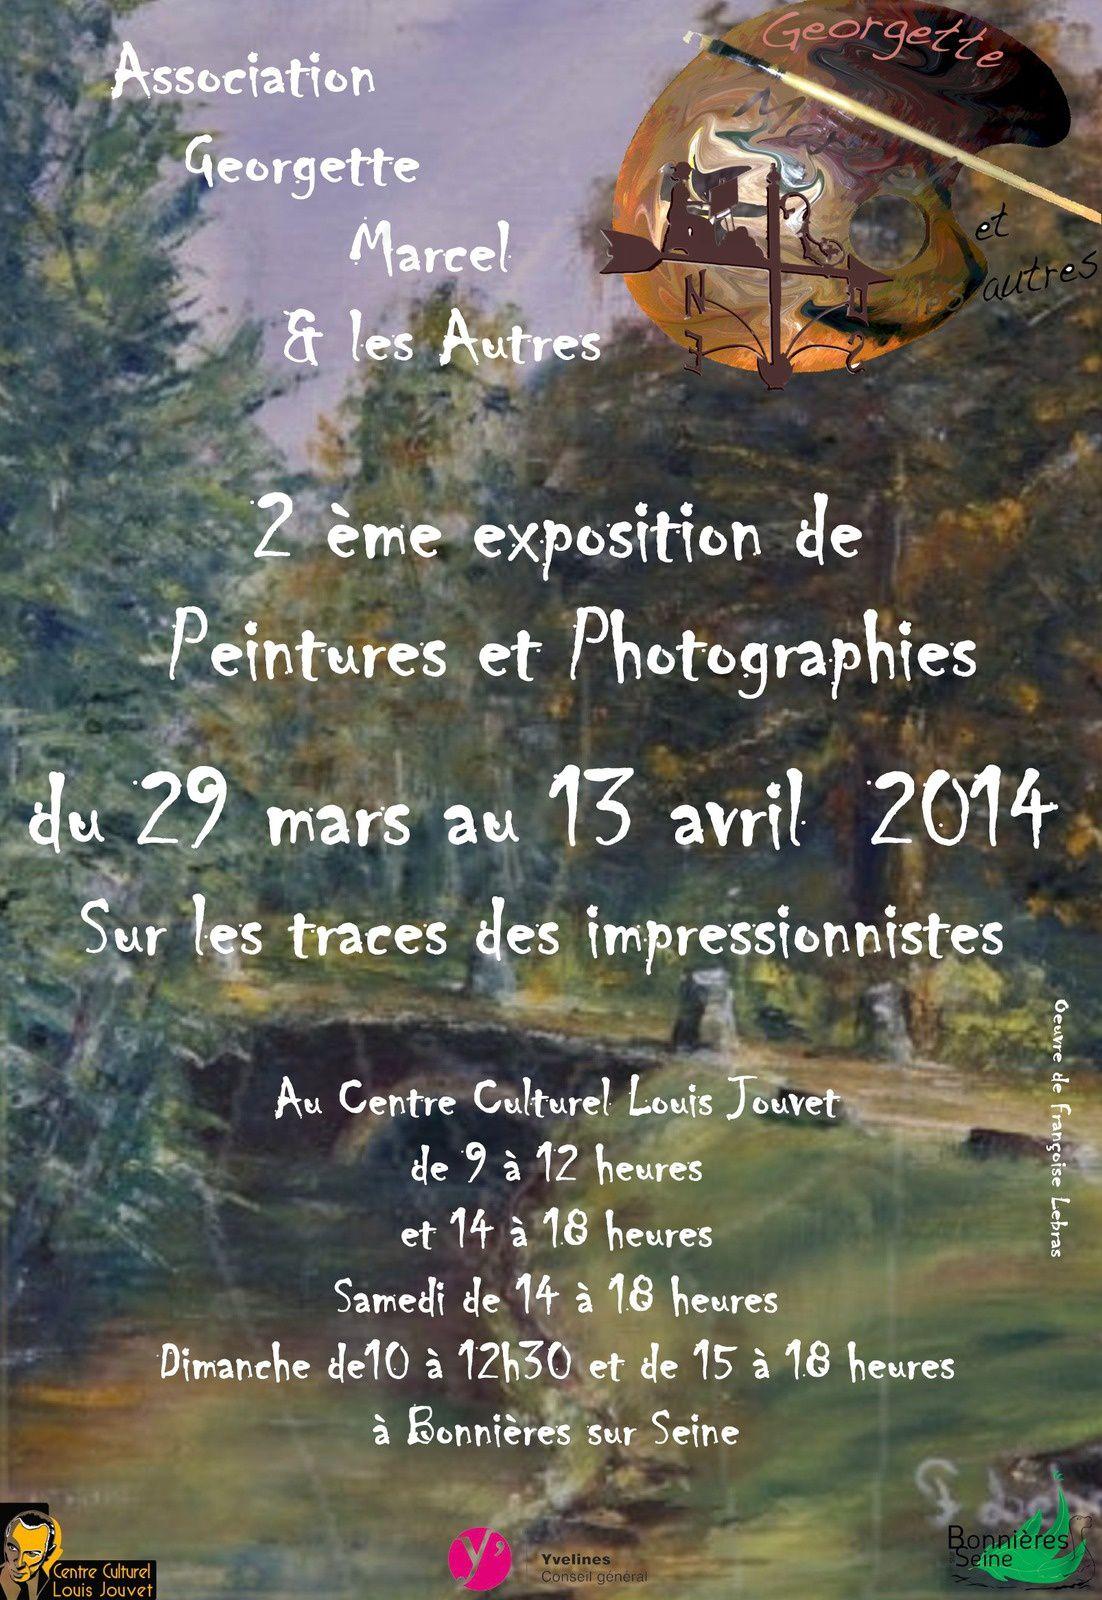 Les tableaux des peintres qui sont allés peindre sur les traces des impressionnistes seront exposés au centre culturel de Bonnières sur seine du 29 mars au 6 avril, peuis du 7 au 13 avril les lauréats de l'an dernier, qui sont au nombre de 3, vous proposerons leus oeuvres...